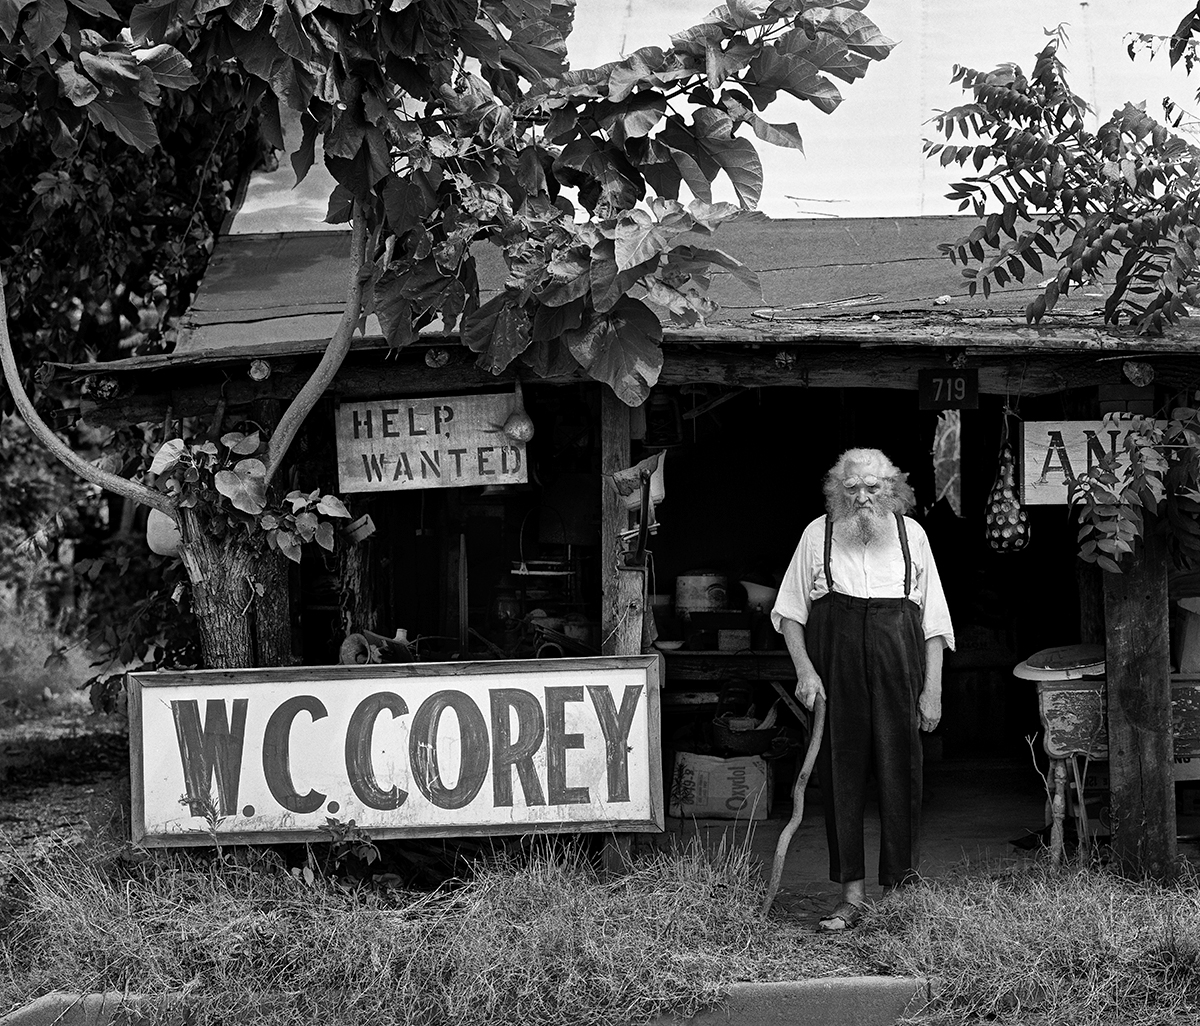 WC Corey, 1968